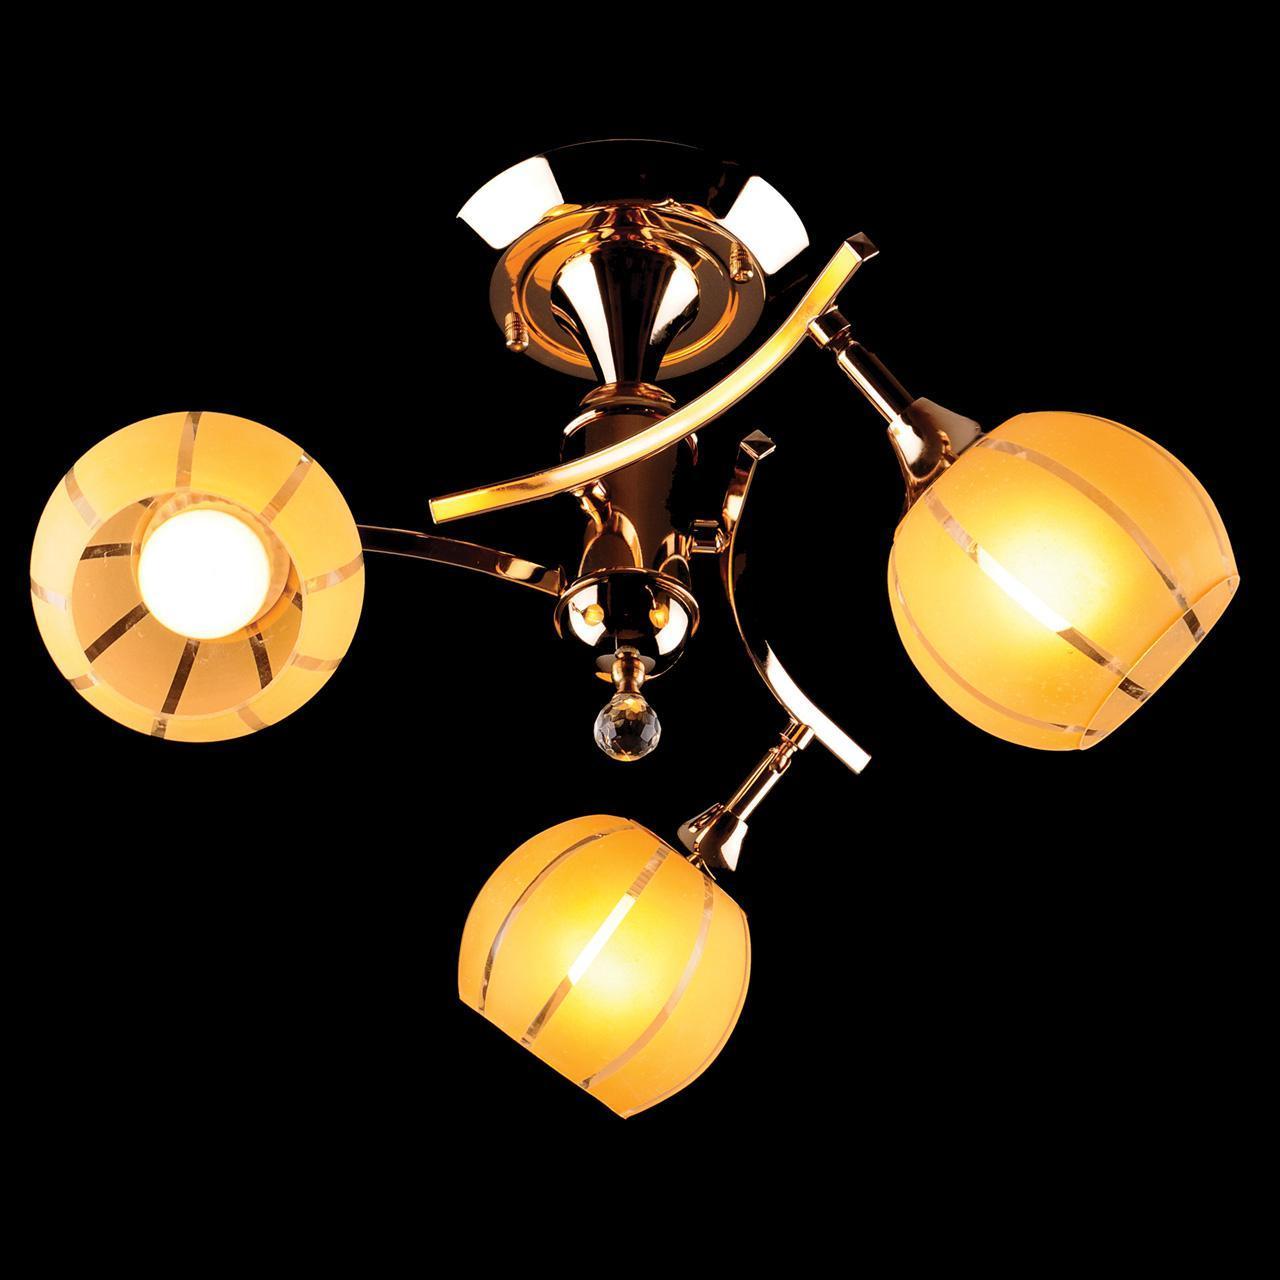 Люстра Eurosvet 3353/3 золото/желтый потолочная люстра потолочная eurosvet 3353 3 золото желтый